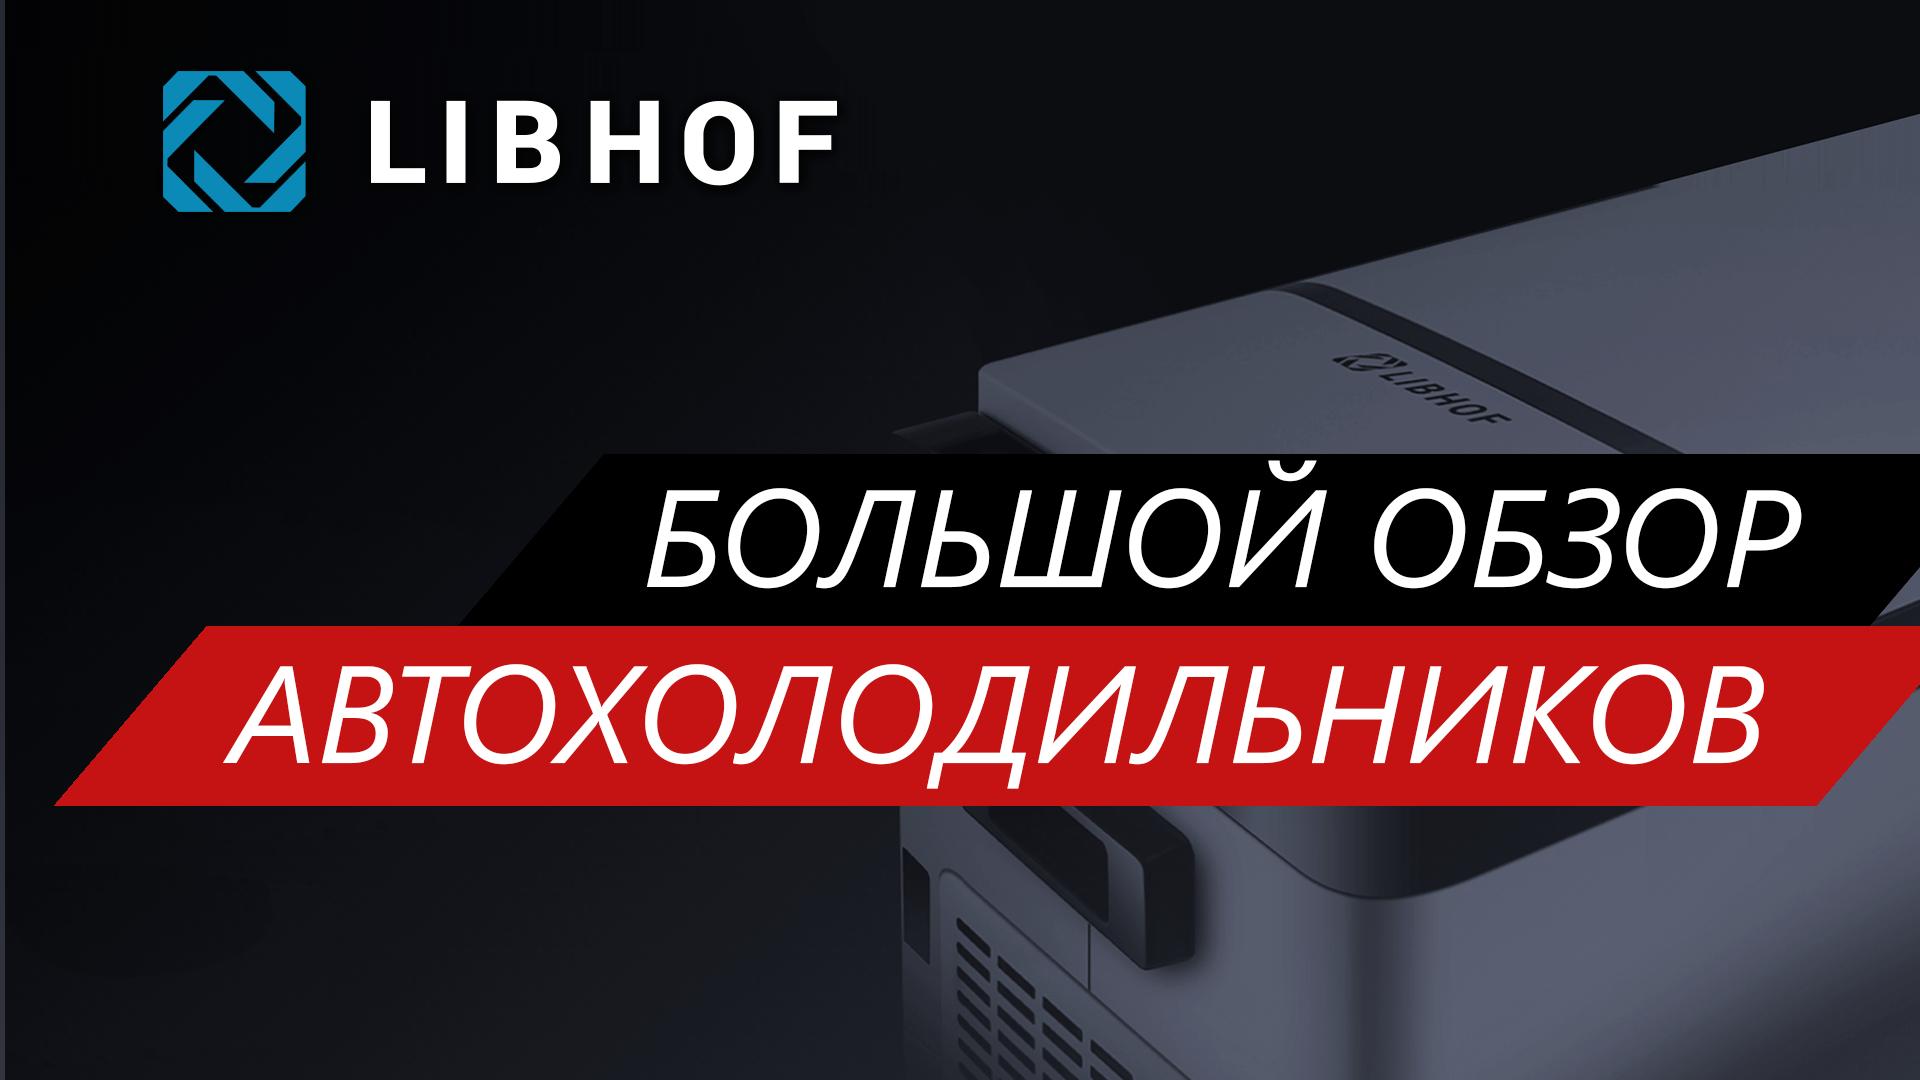 Libhof видеообзор